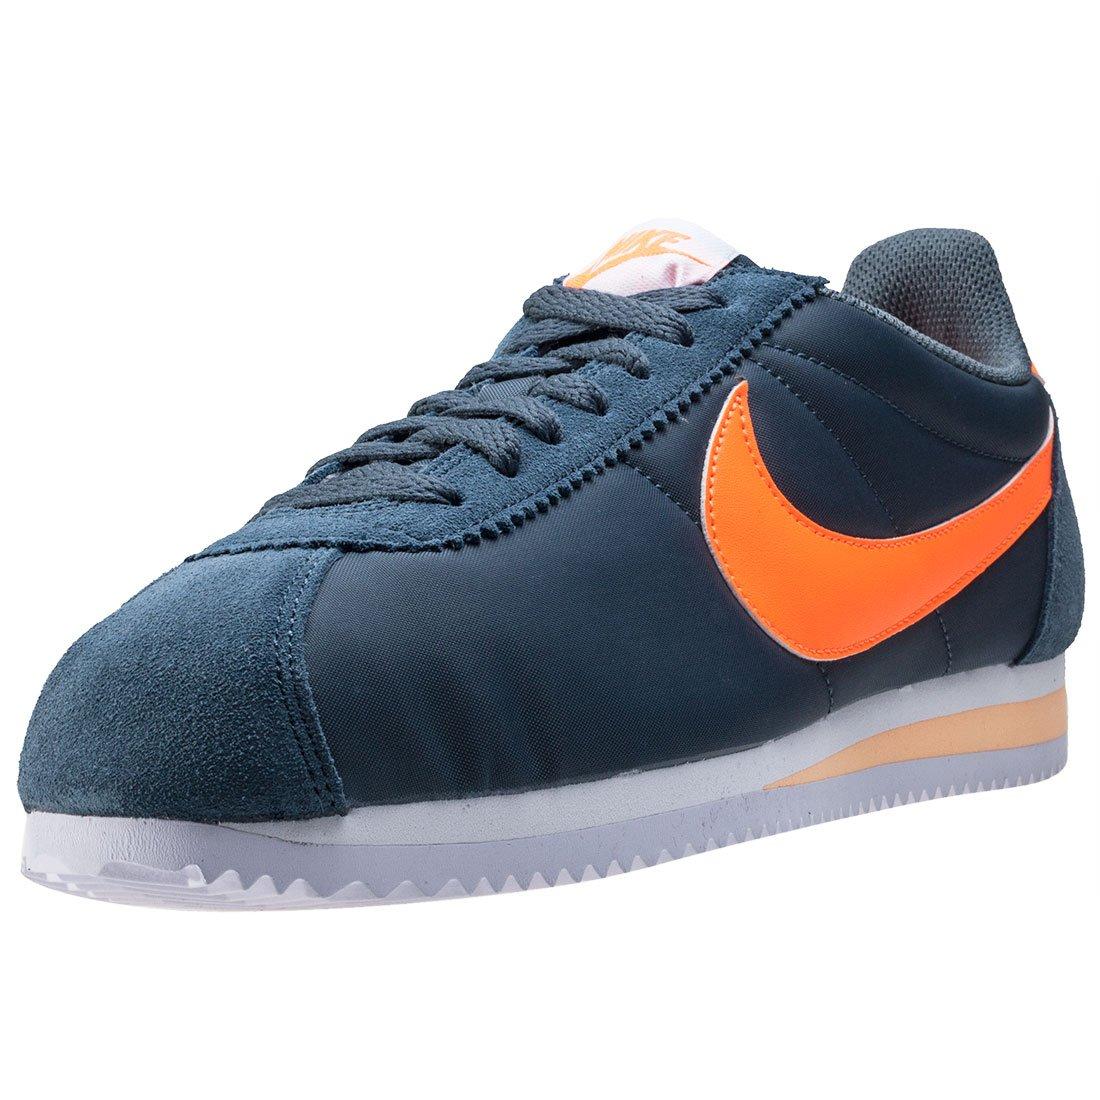 Nike Herren Sportschuhe, Farbe Blau, Marke, Modell Herren Sportschuhe Classic Cortez Blau  45 EU|Blau